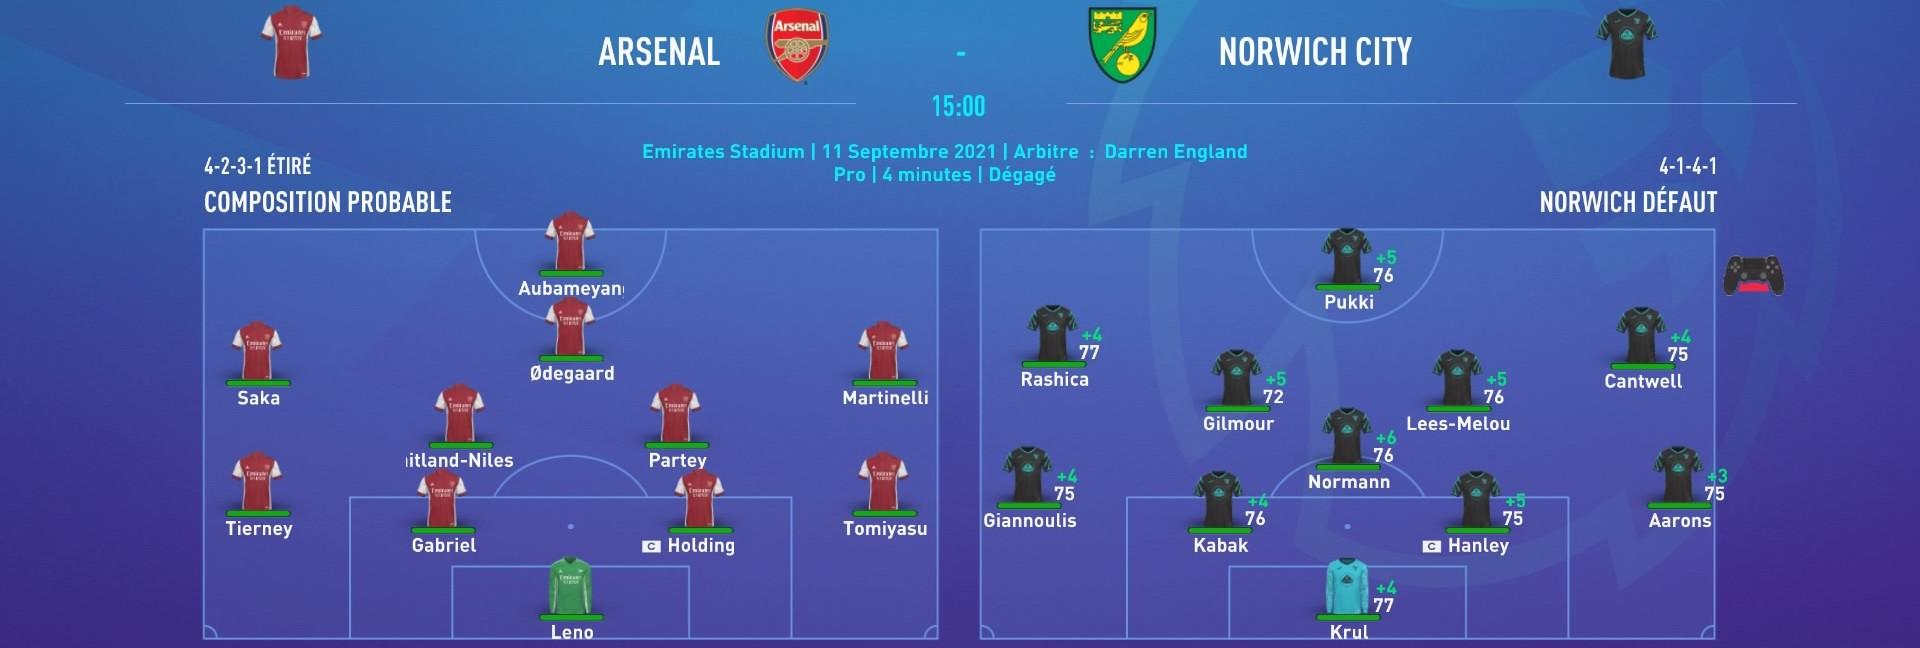 [FIFA 22] Story | Les Canaries à l'aube d'une nouvelle ère Fifa_256